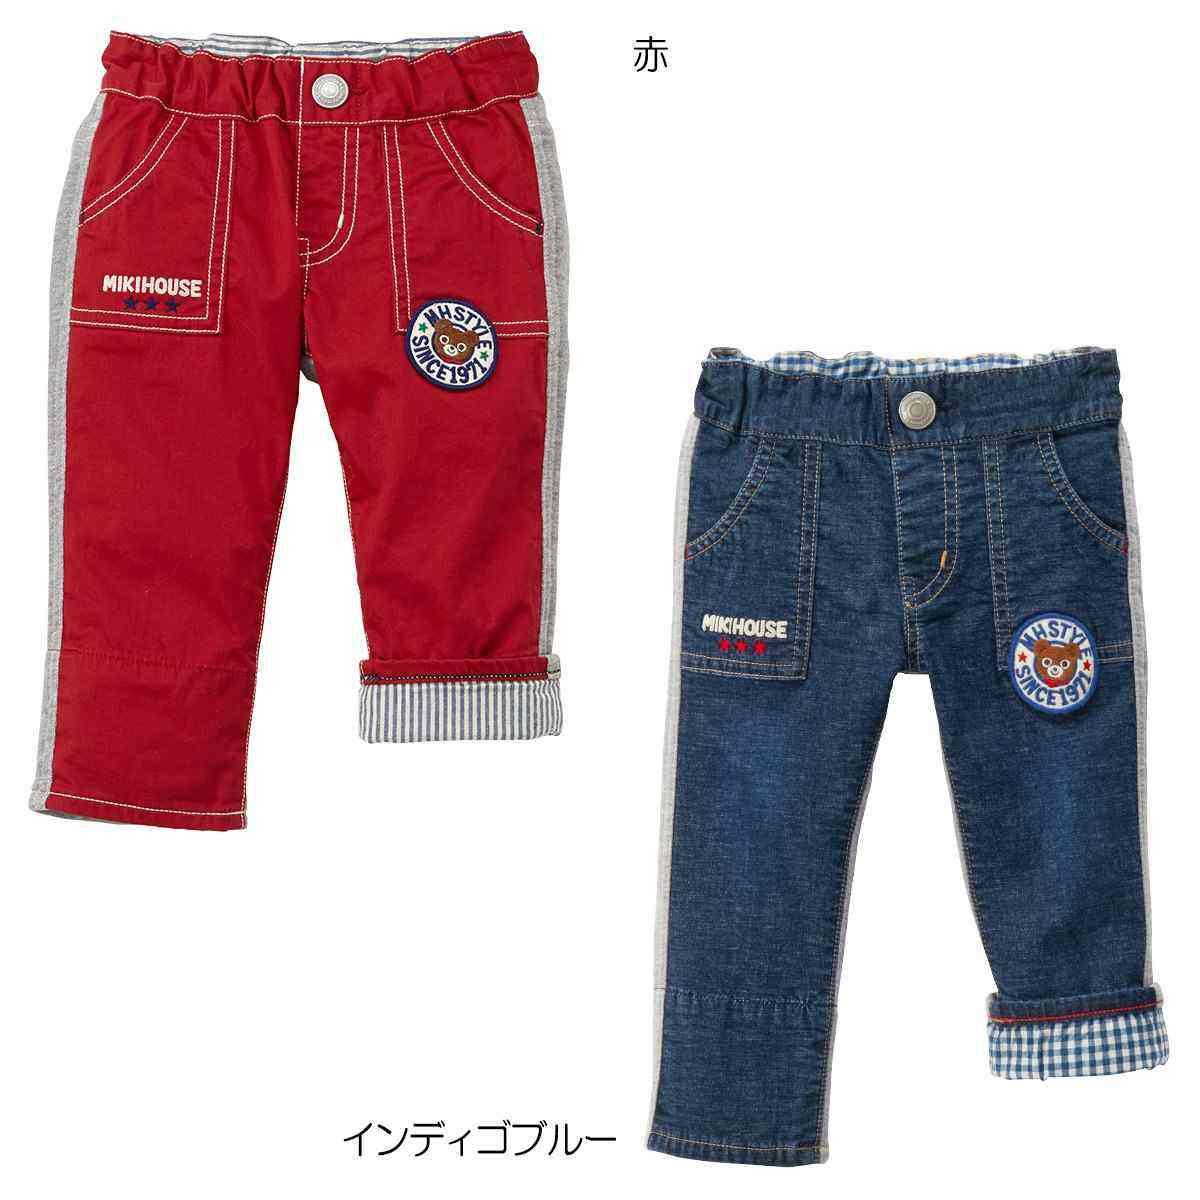 ☆ ミキハウス mikihouse プッチー異素材パンツ(80-90cm)【11-3203-262】 20p11 mkp11